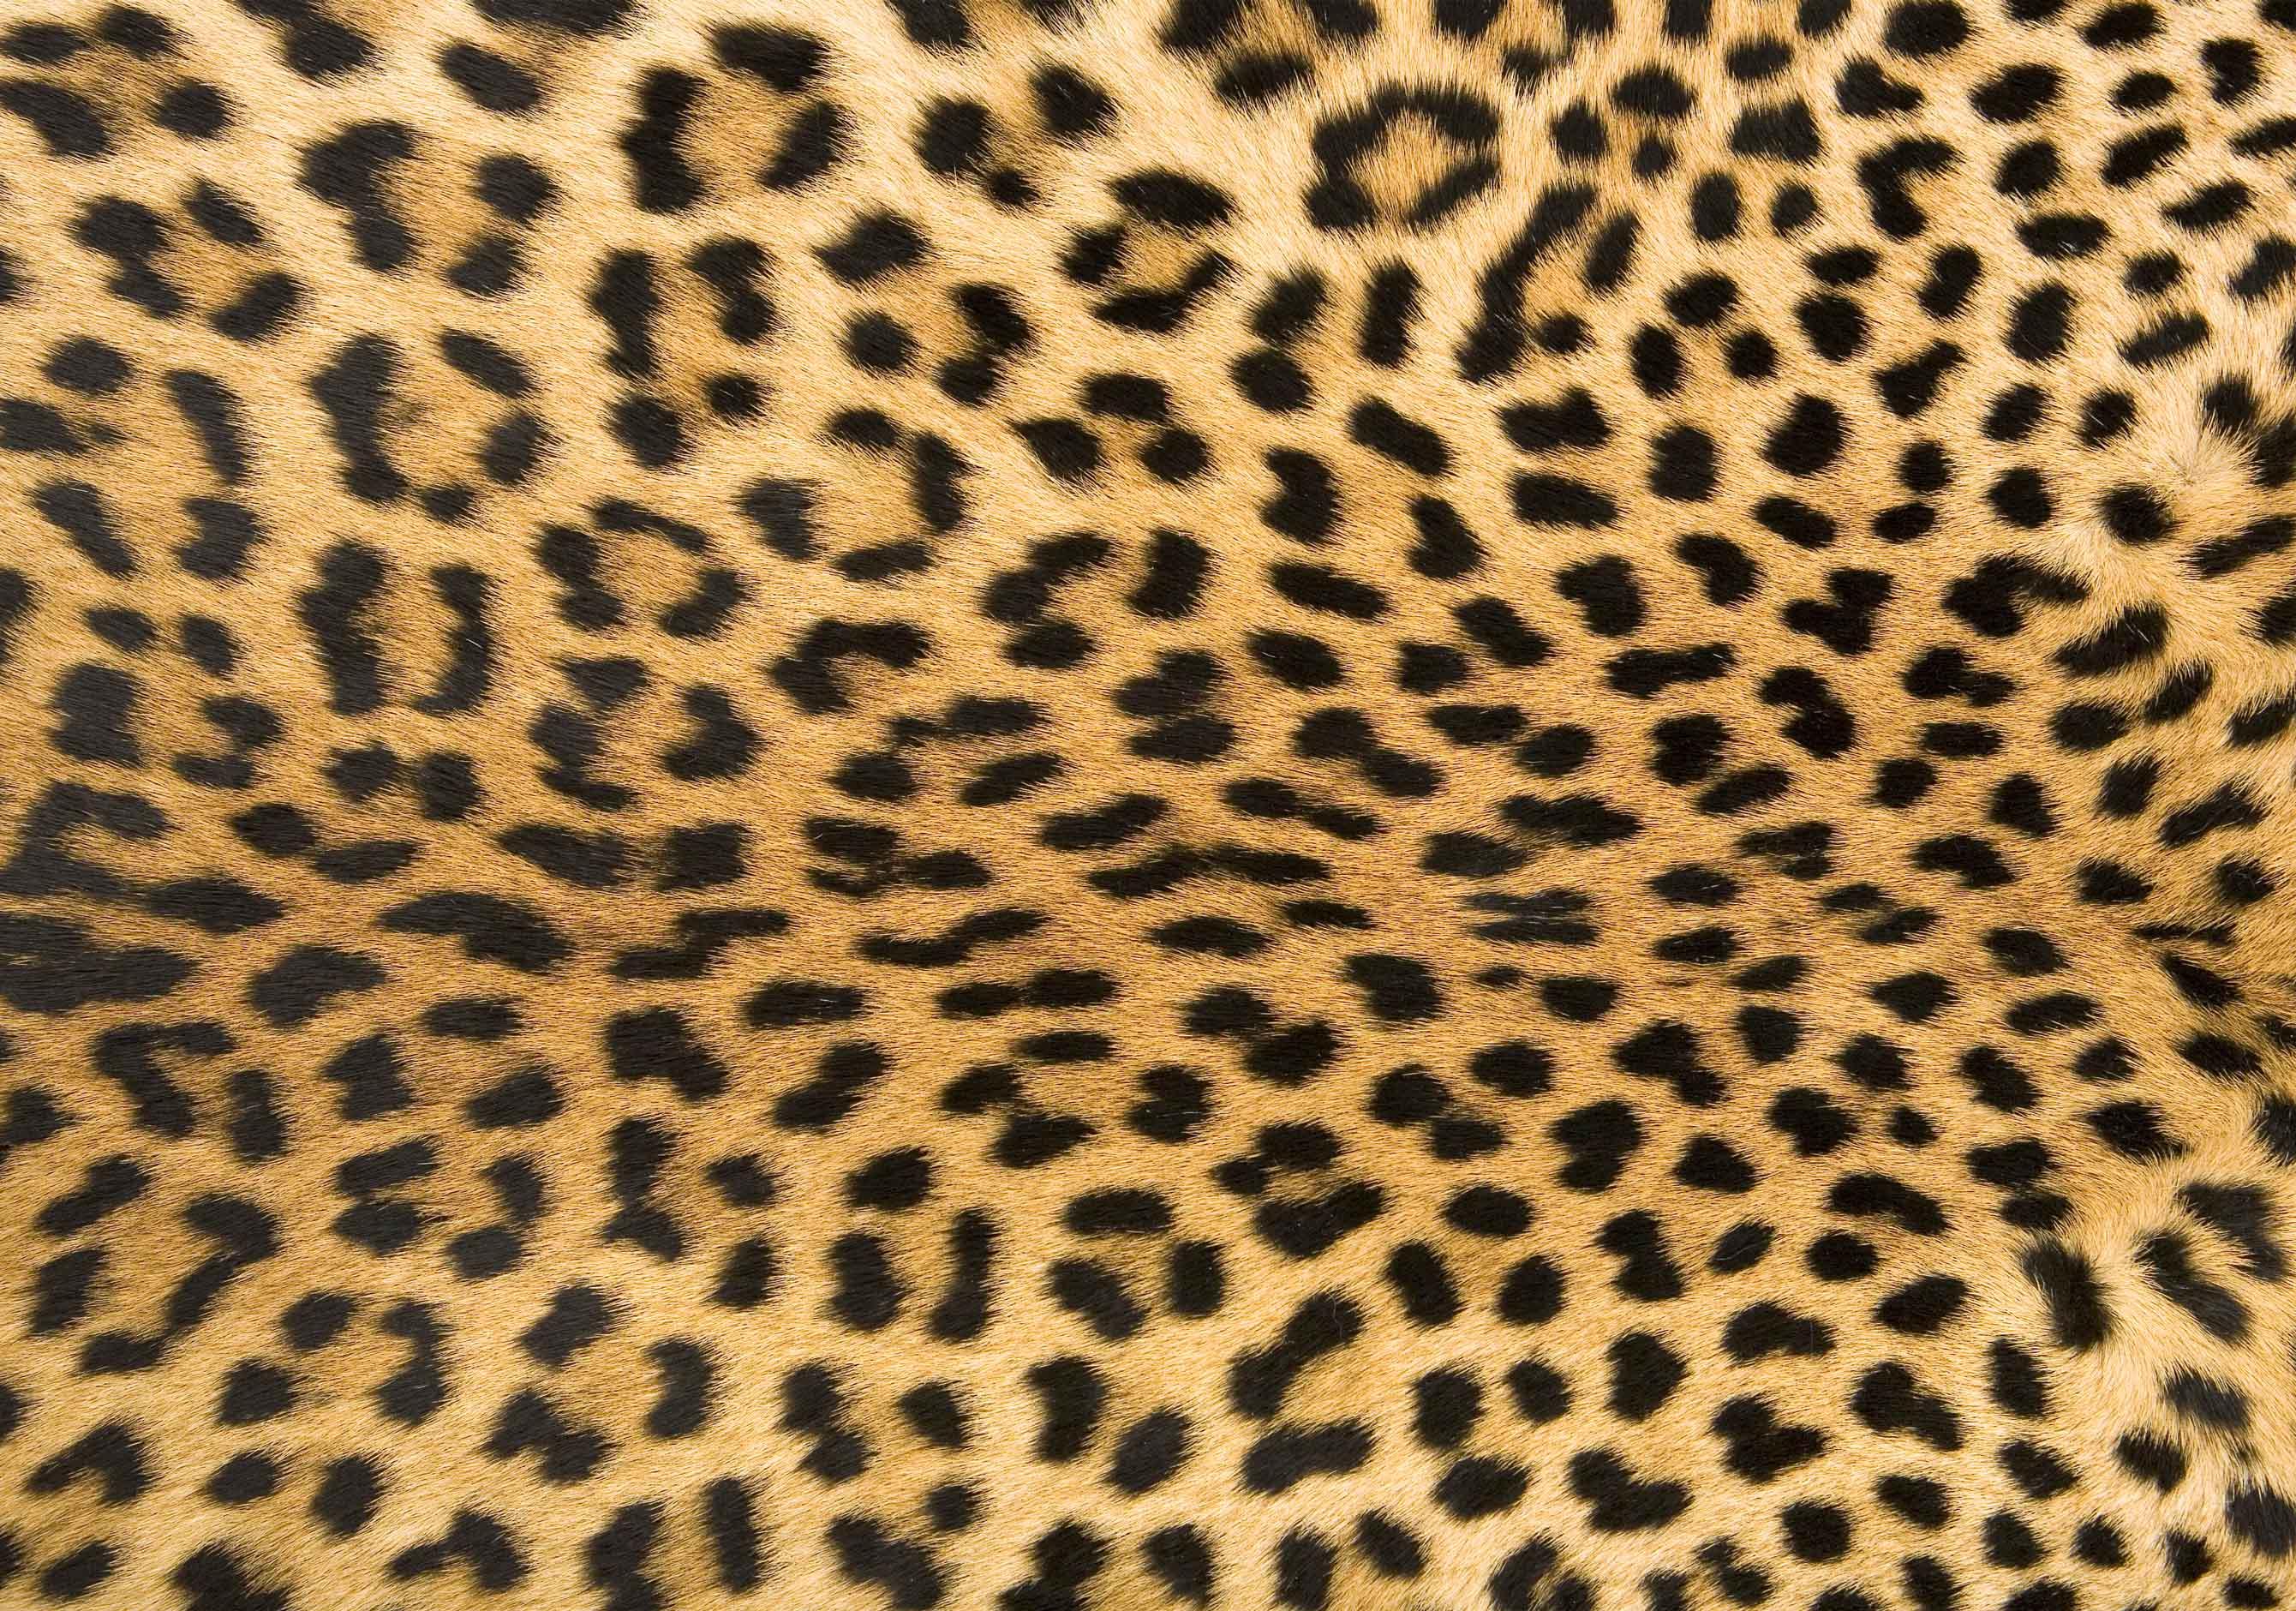 FoFlor Leopard Print Rug Doormat Runner Area